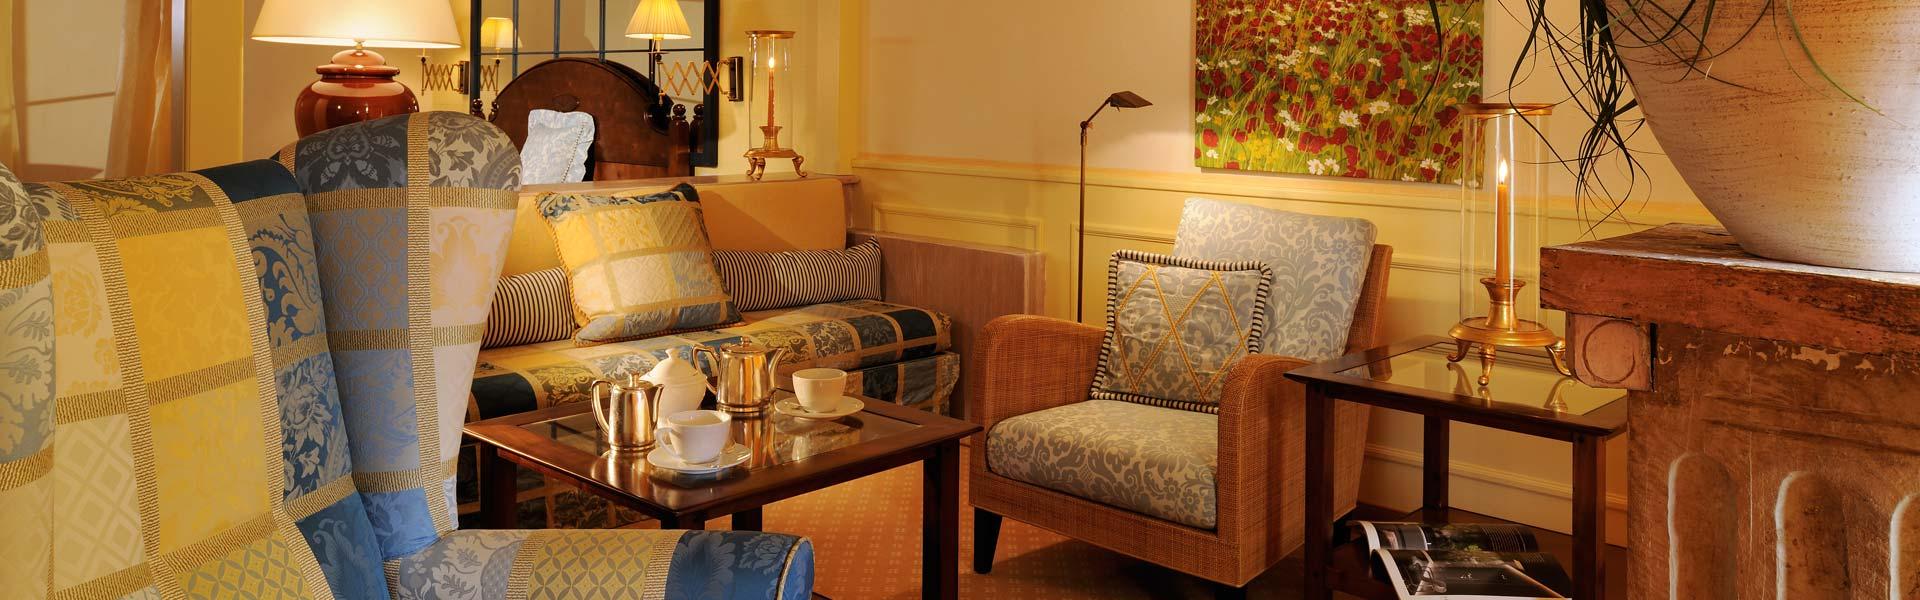 Boutique hotel liechtenstein im vierl ndereck schweiz for The luxus boutique hotel